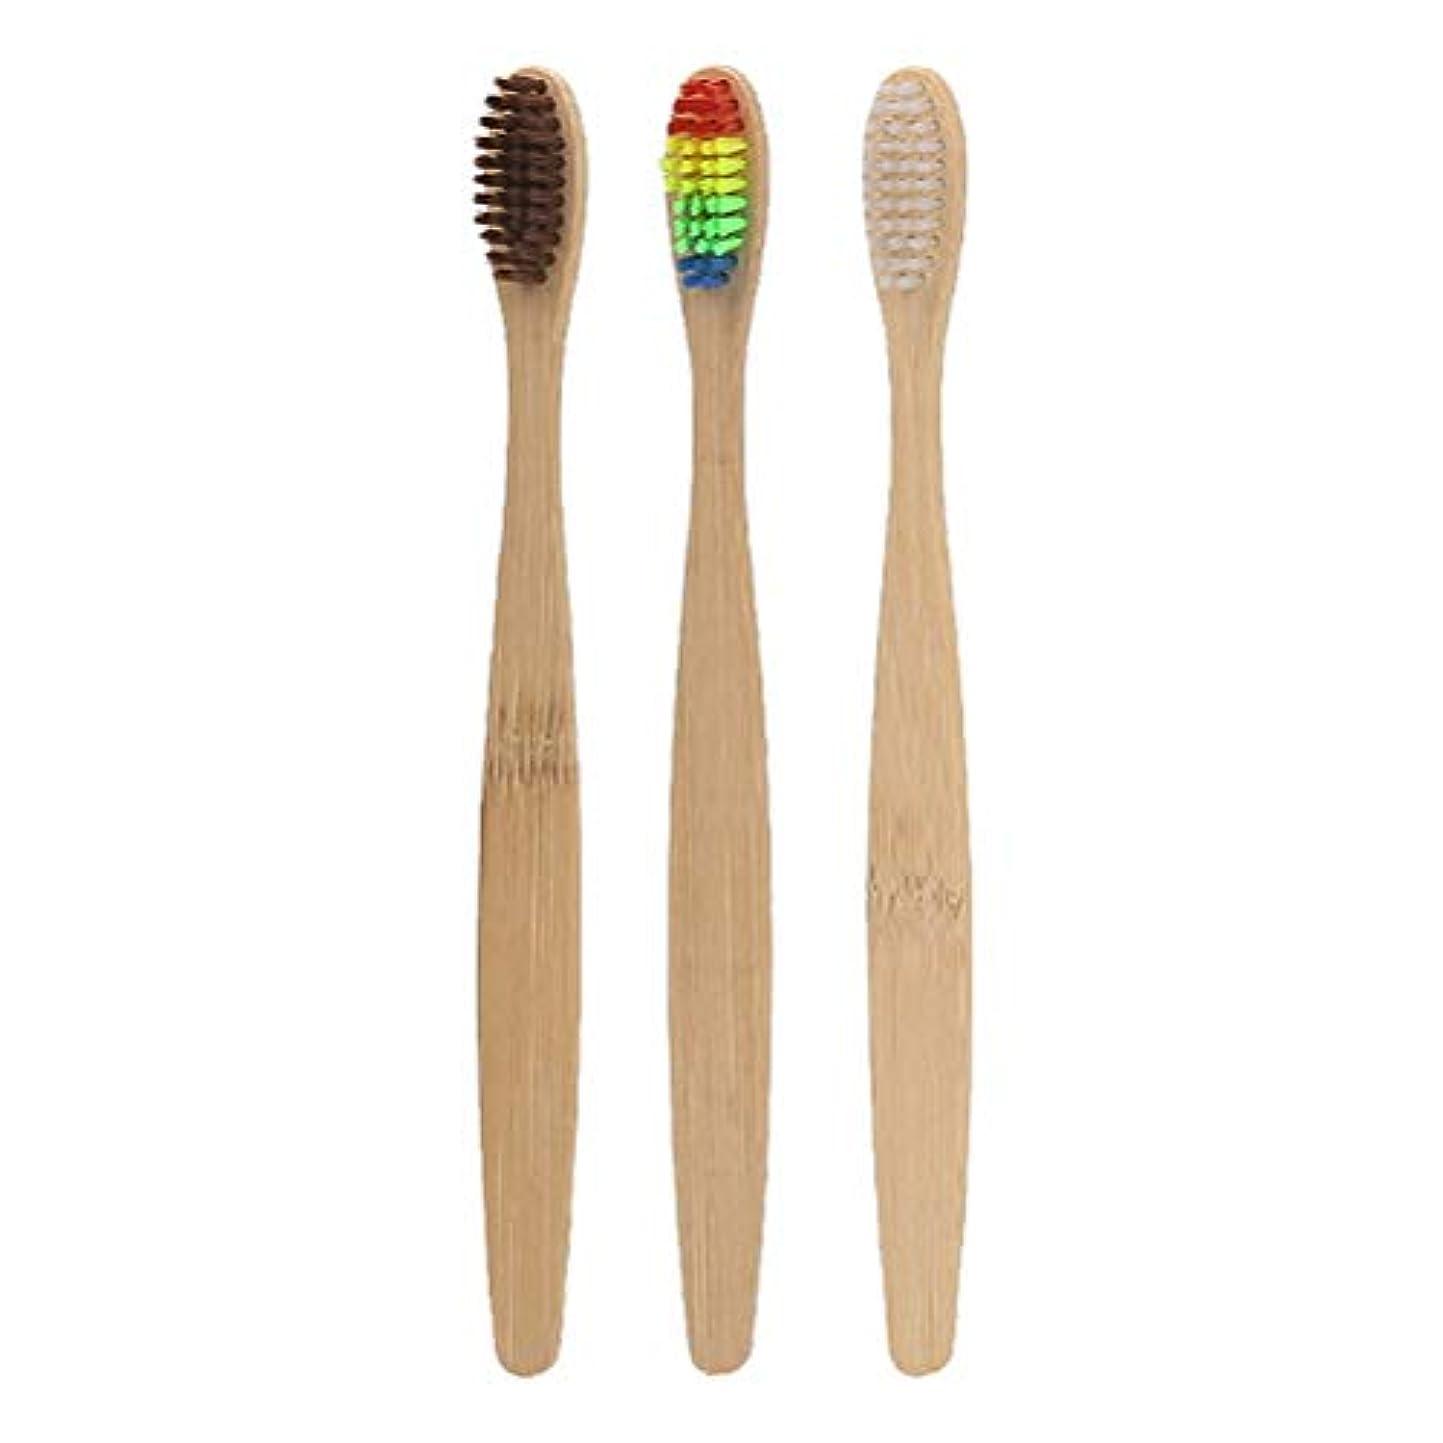 柔らかさ仕事に行くスタイルSUPVOX 竹の歯ブラシ女性のためのナチュラルソフト歯ブラシ男性3本(白い剛毛+虹色の剛毛+茶色の剛毛)